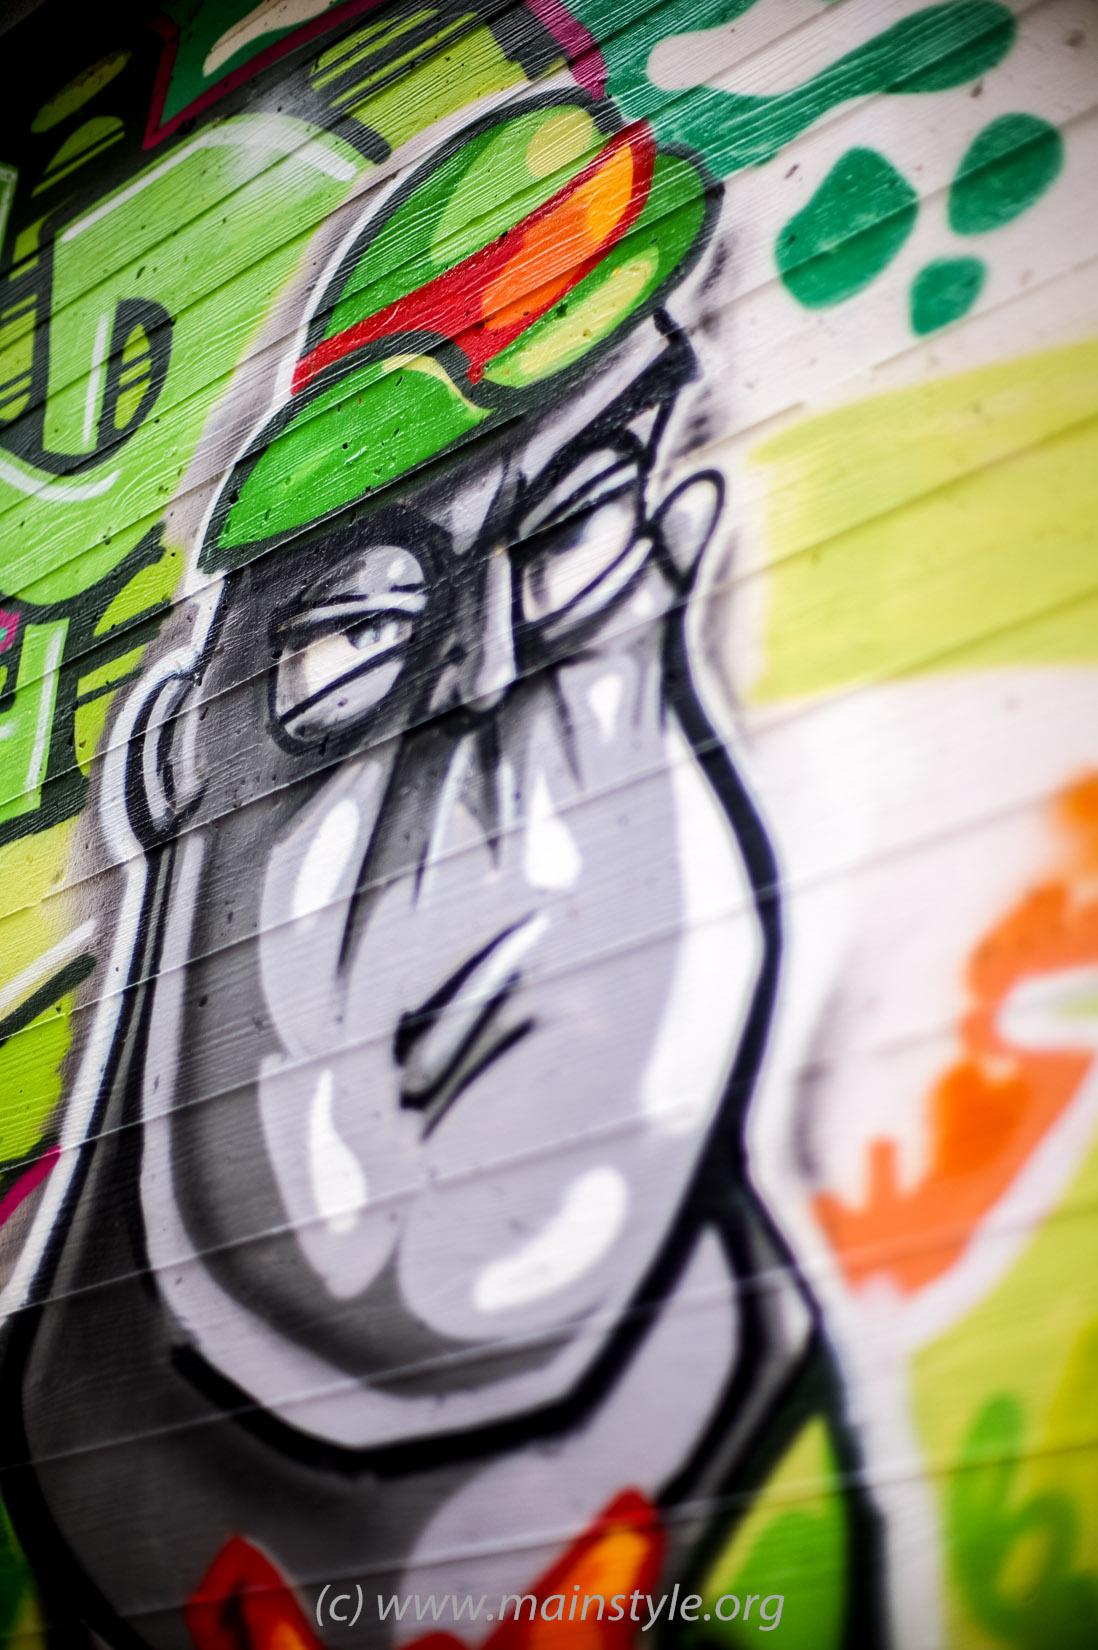 Frankfurt-Höchst_Graffiti_Süwag-Wall_2012 (24 von 35)